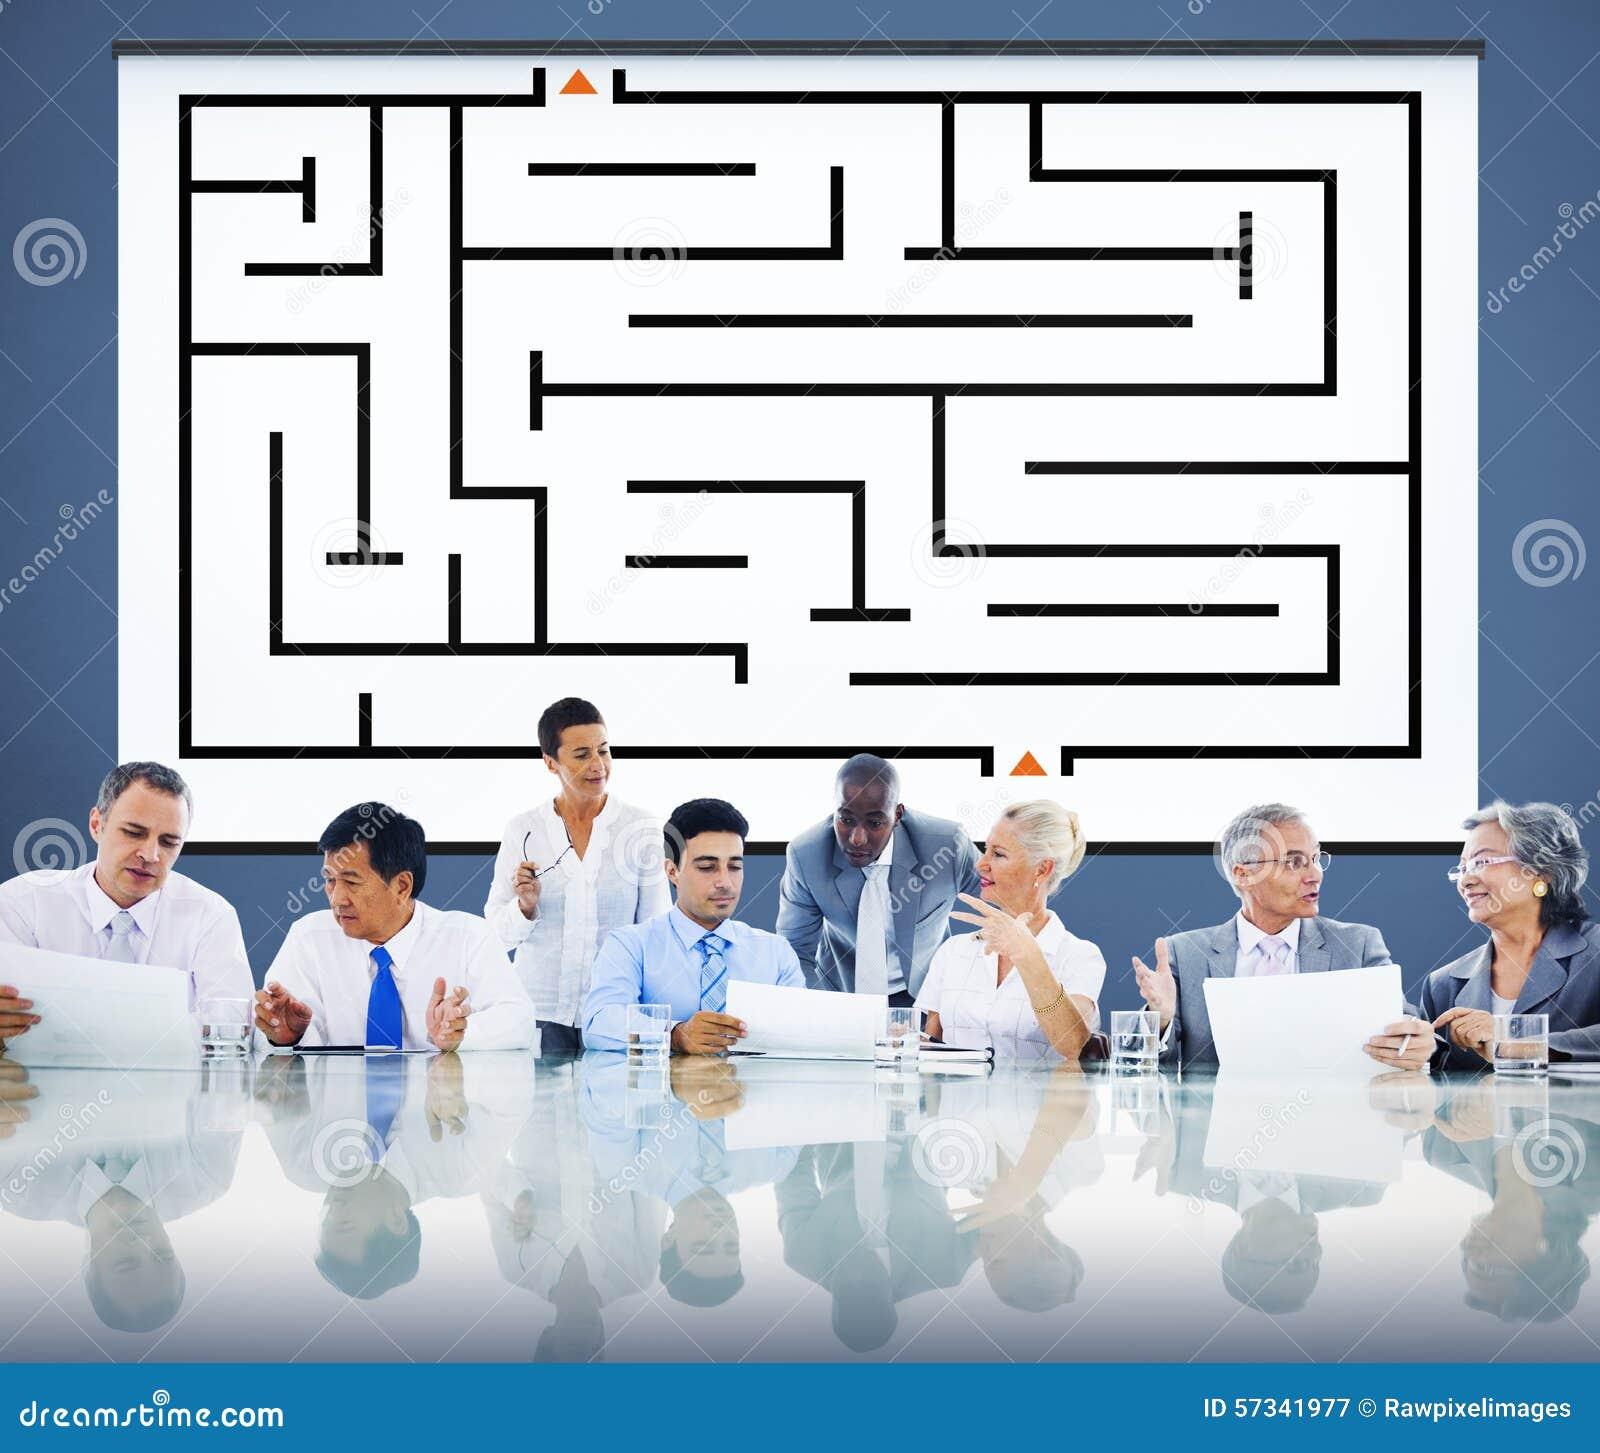 Έννοια κατεύθυνσης προσδιορισμού λύσης επιτυχίας στρατηγικής λαβυρίνθου